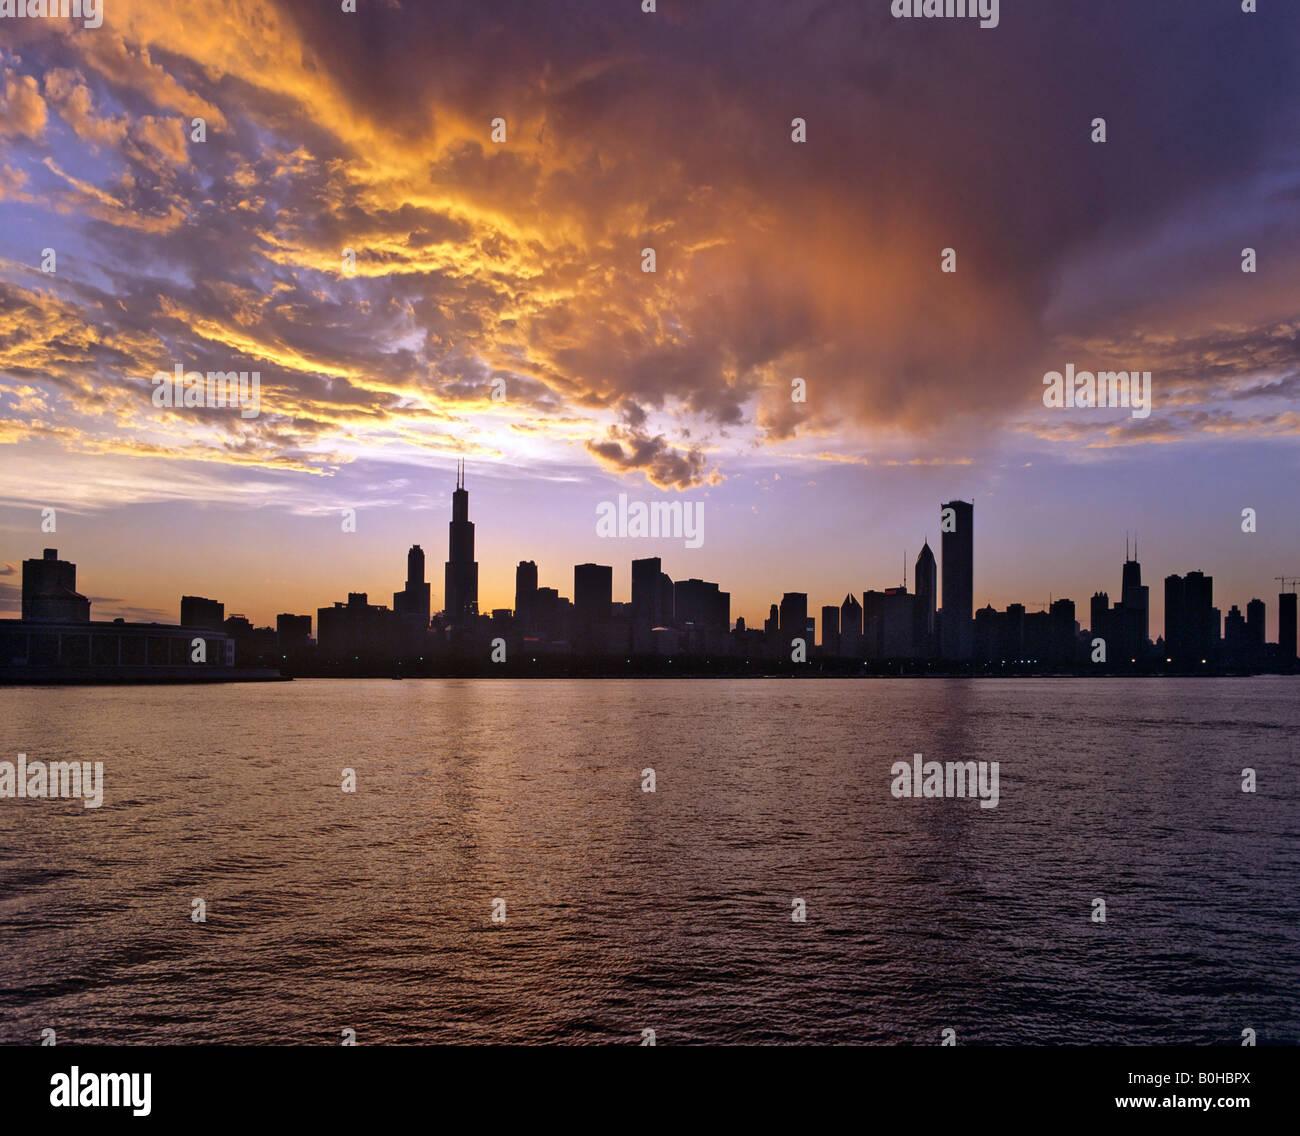 Skyline, Chicago, dusk, Illinois, USA - Stock Image